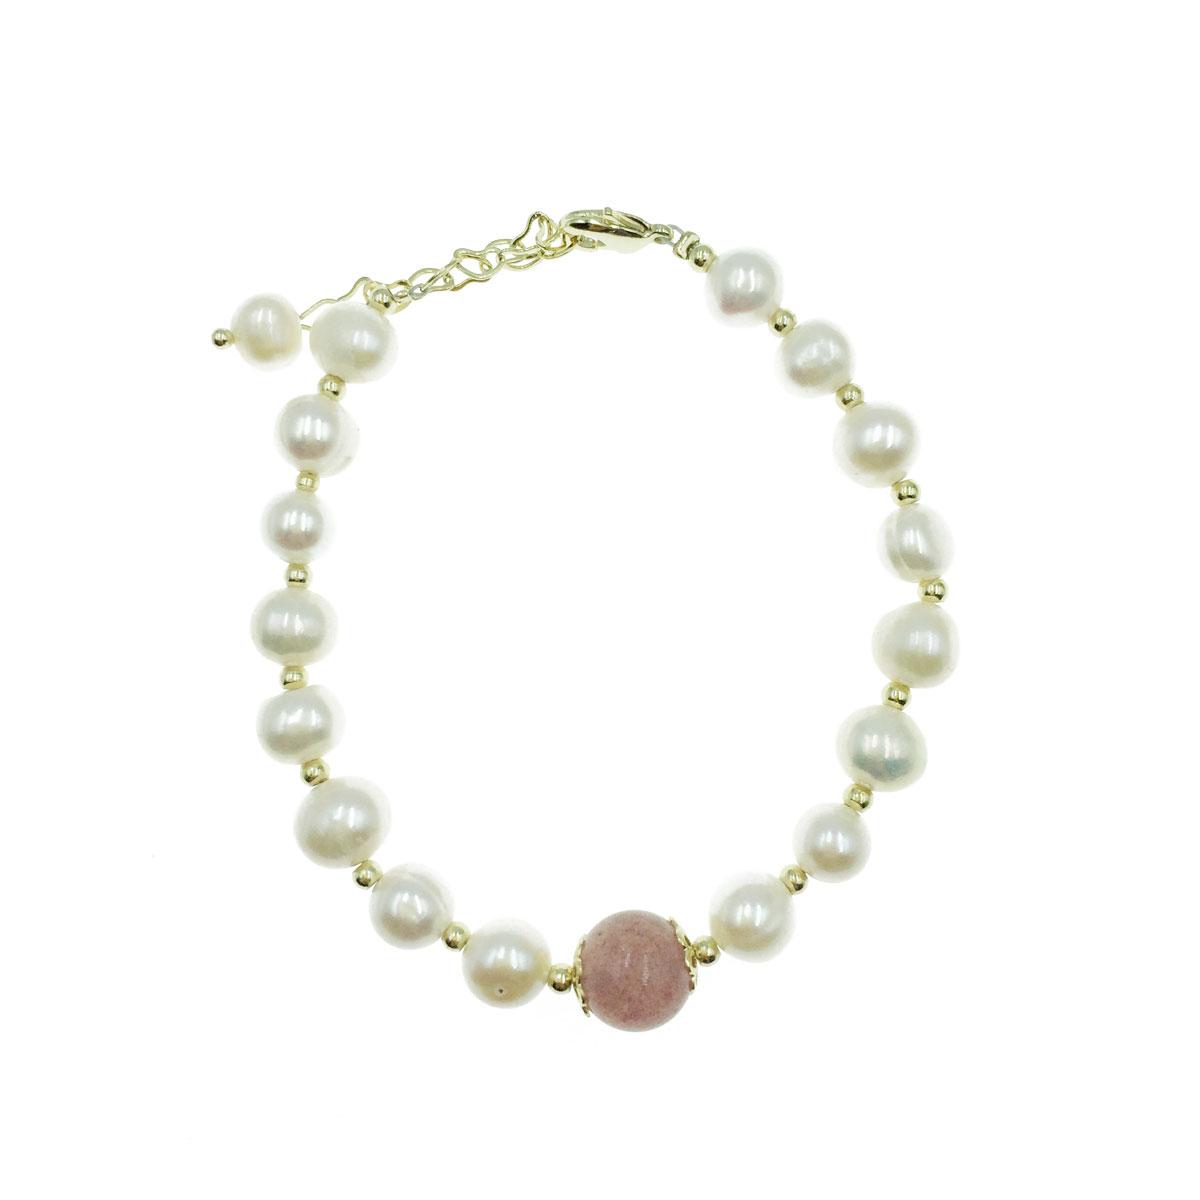 韓國 天然珠 彩珠 愛心 可調式 手環